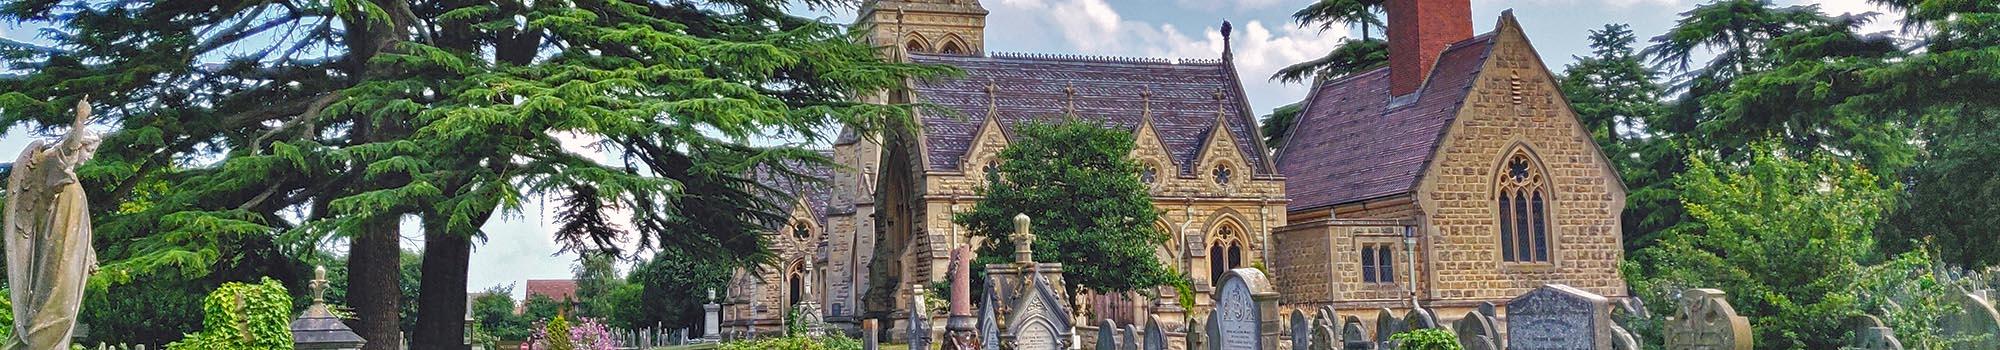 Historic chapels